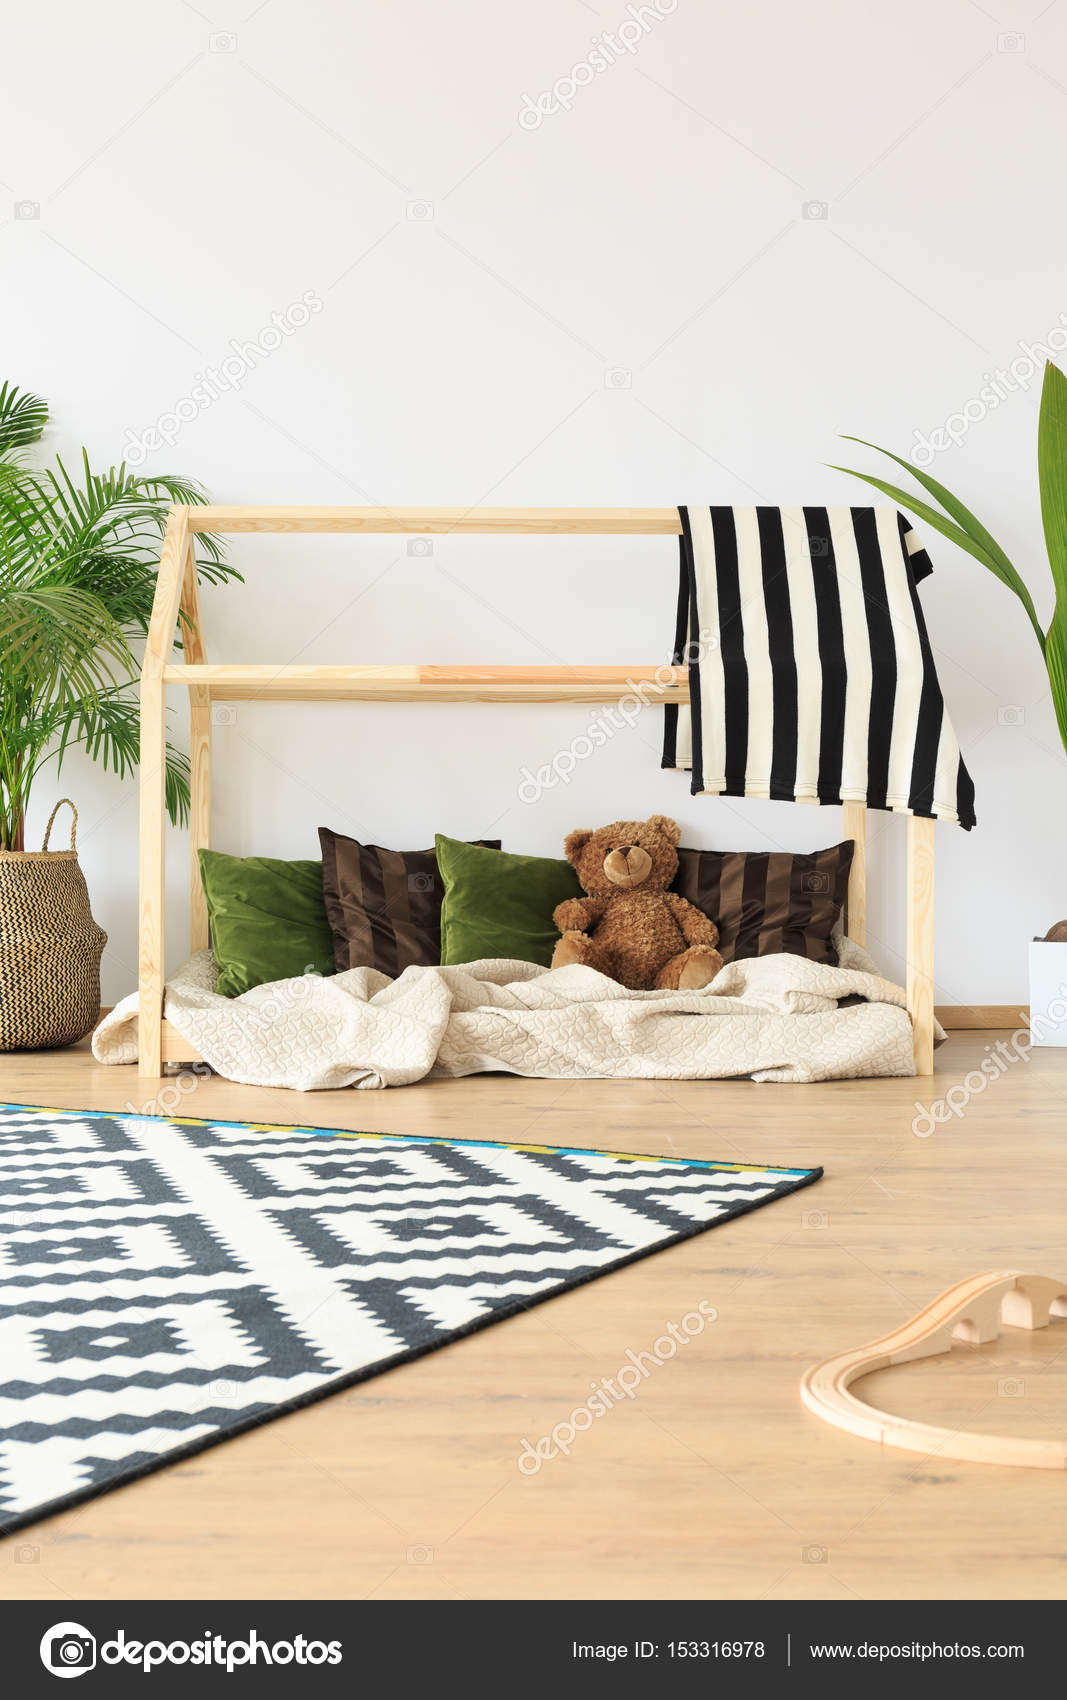 Habitaciones De Ensueno Infantil Minimalista Foto De Stock - Habitaciones-de-ensueo